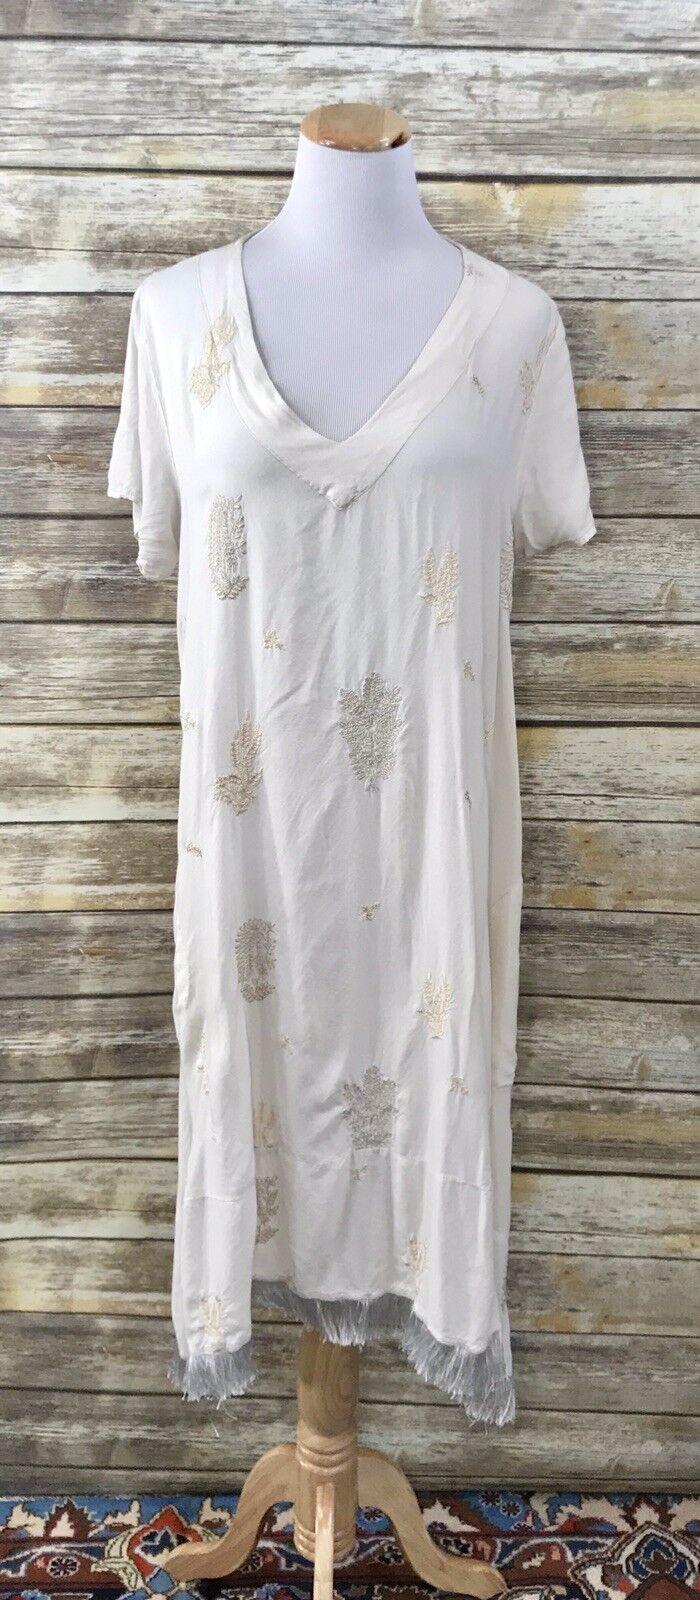 Ruby Yaya Women's Bohemian Dress Tunic  Ivory Embroidered Beach Dress L Coverup